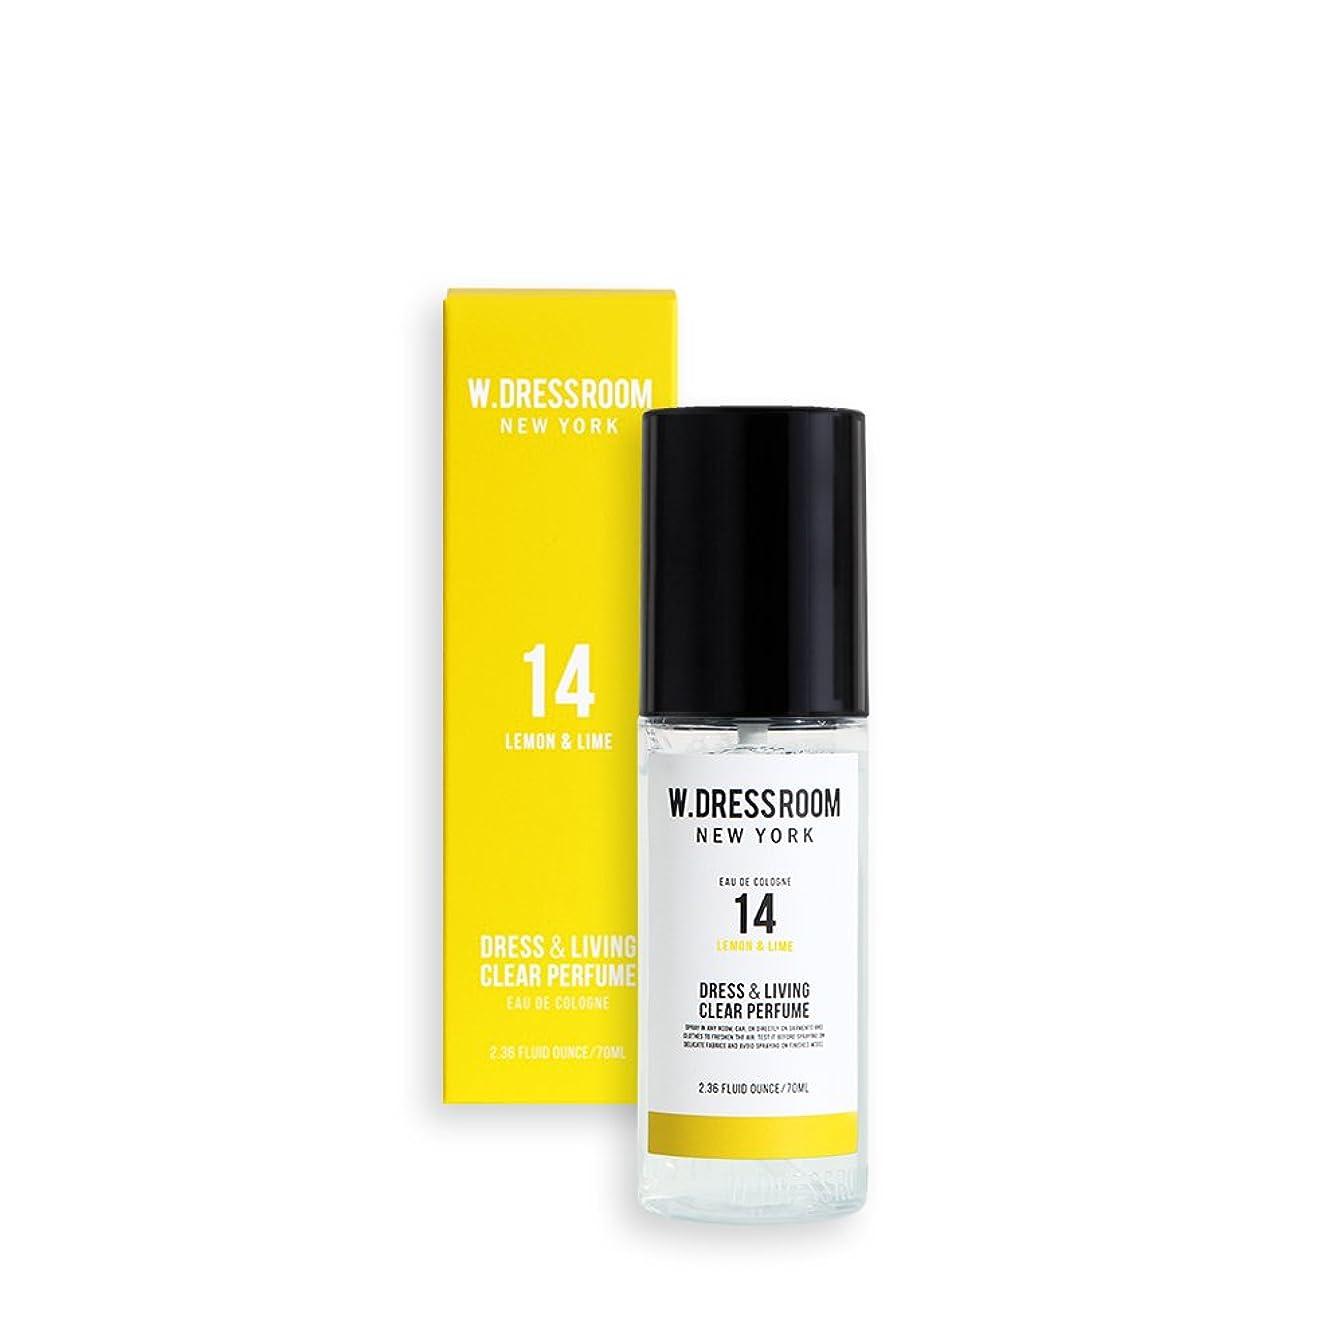 合計買い物に行くプットW.DRESSROOM Dress & Living Clear Perfume 70ml/ダブルドレスルーム ドレス&リビング クリア パフューム 70ml (#No.14 Lemon & Lime) [並行輸入品]